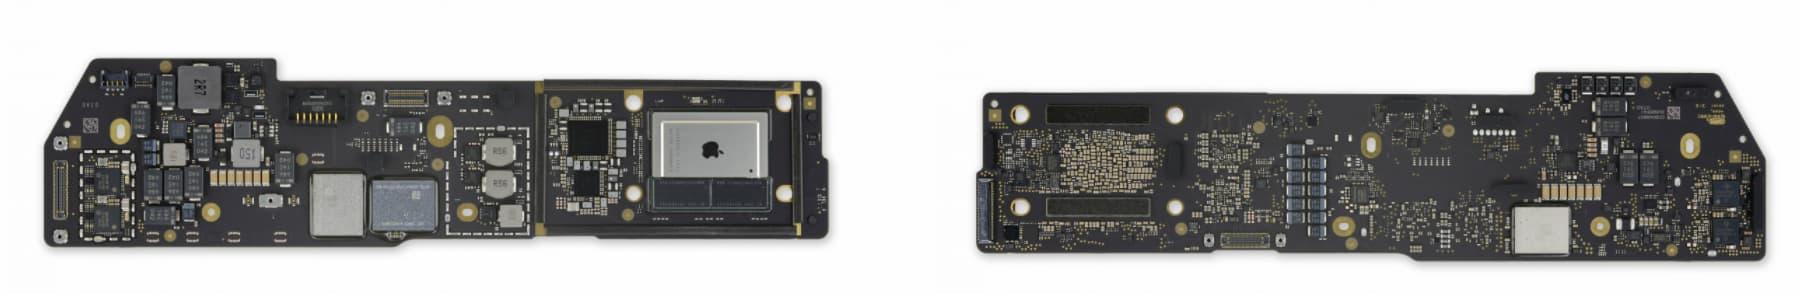 M1 MacBook Air 主機板